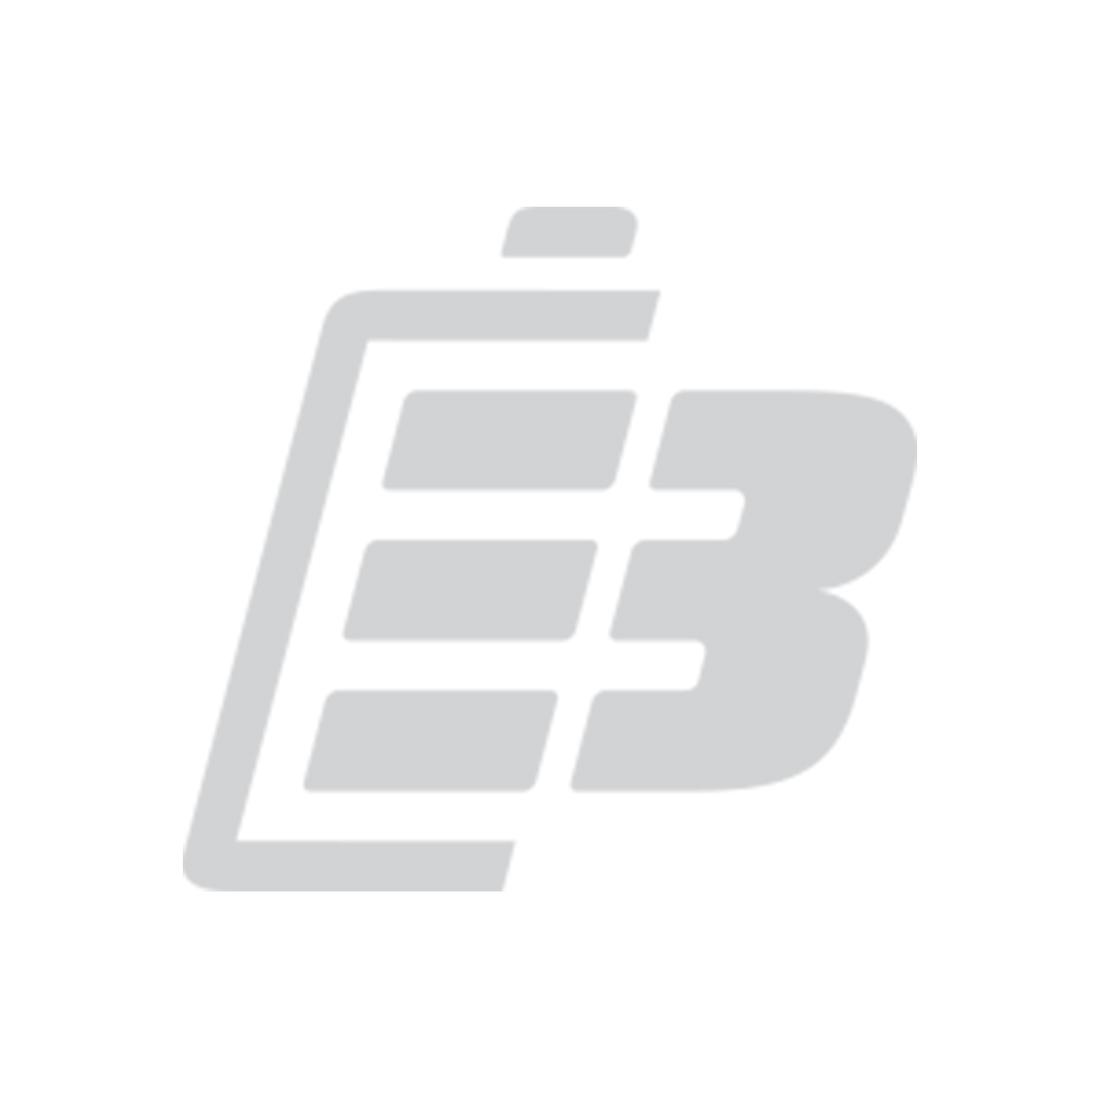 Μπαταρια Μολυβδου CSB HRL12150W 12v 37ah 1